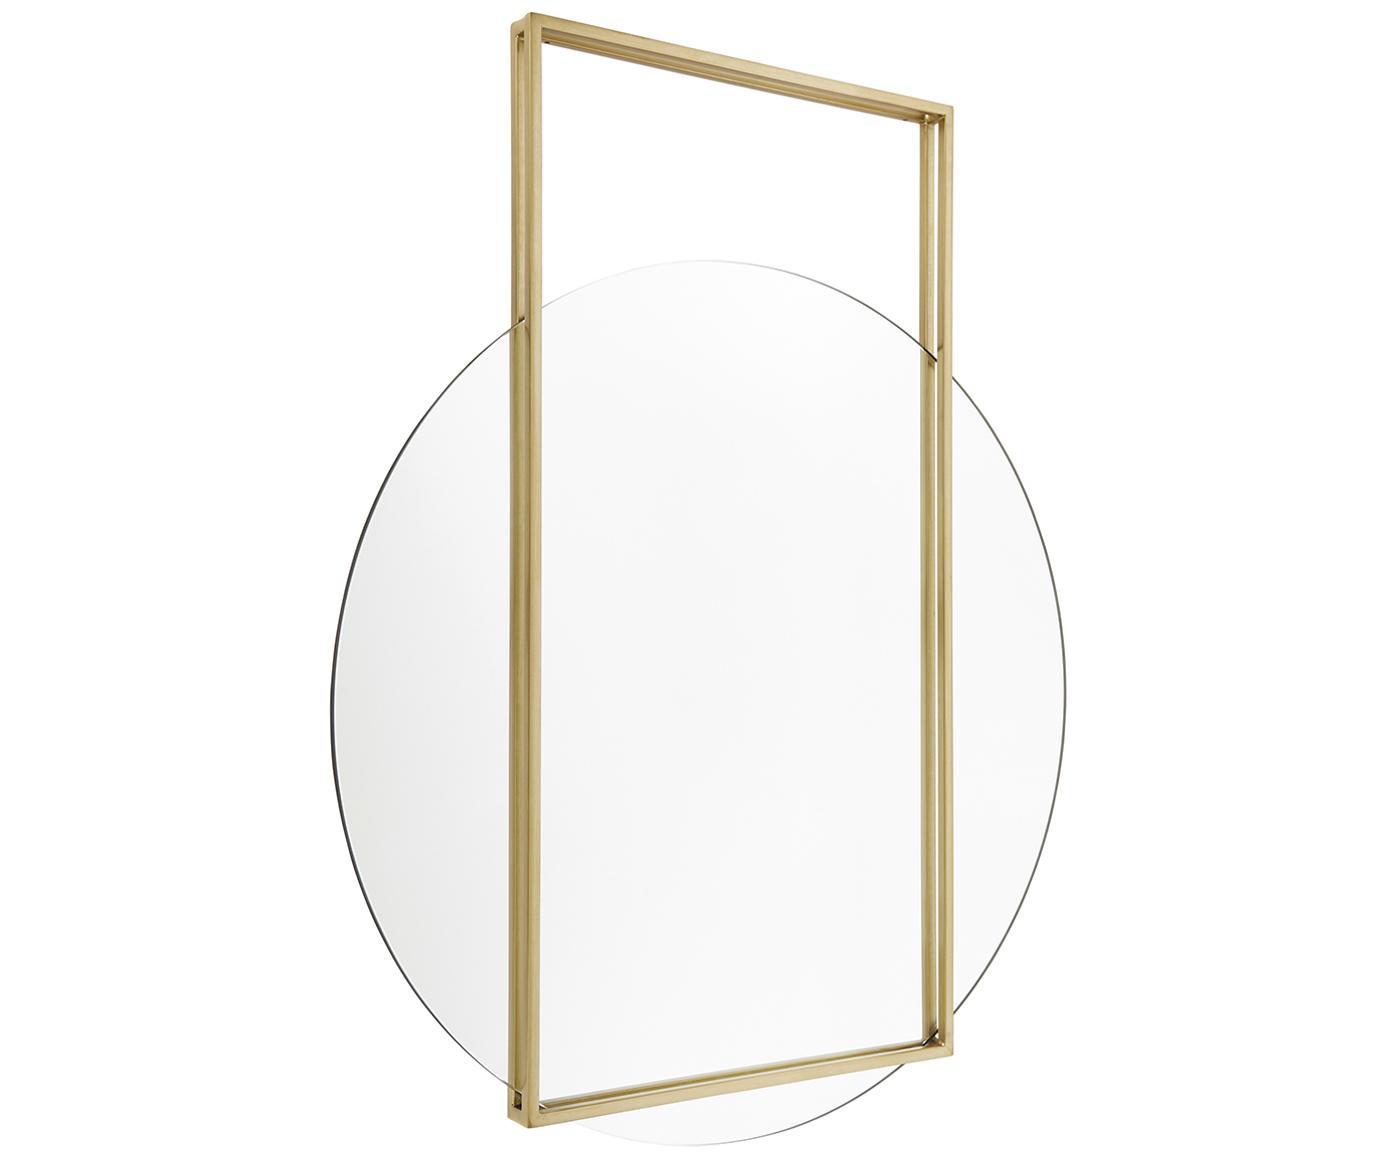 Okrągłe lustro ścienne z kwadratową ramą Ashley, Odcienie złotego, matowy, S 81 x W 100 cm